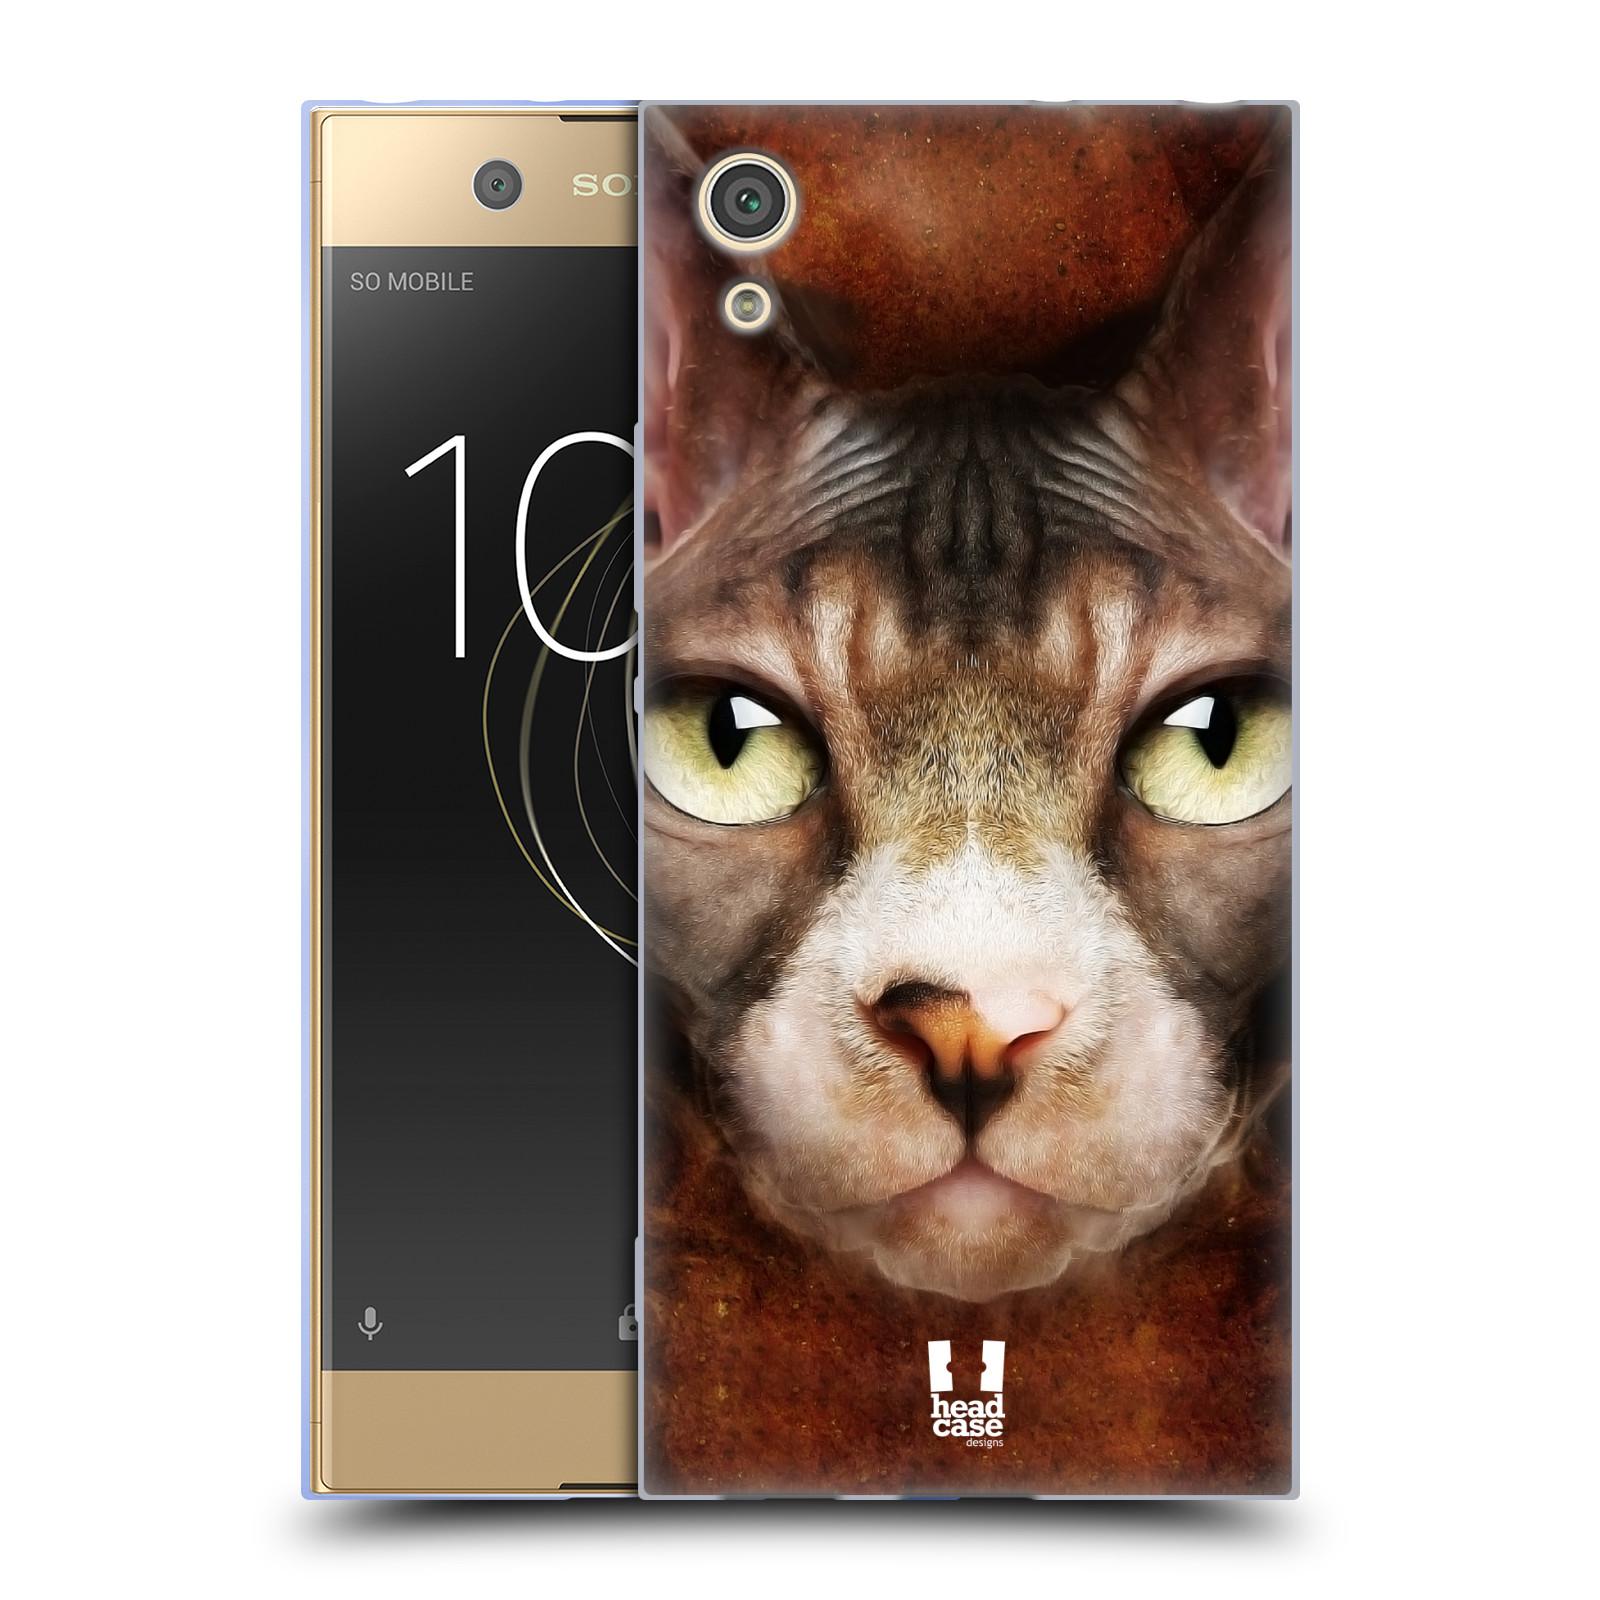 HEAD CASE silikonový obal na mobil Sony Xperia XA1 / XA1 DUAL SIM vzor Zvířecí tváře kočka sphynx